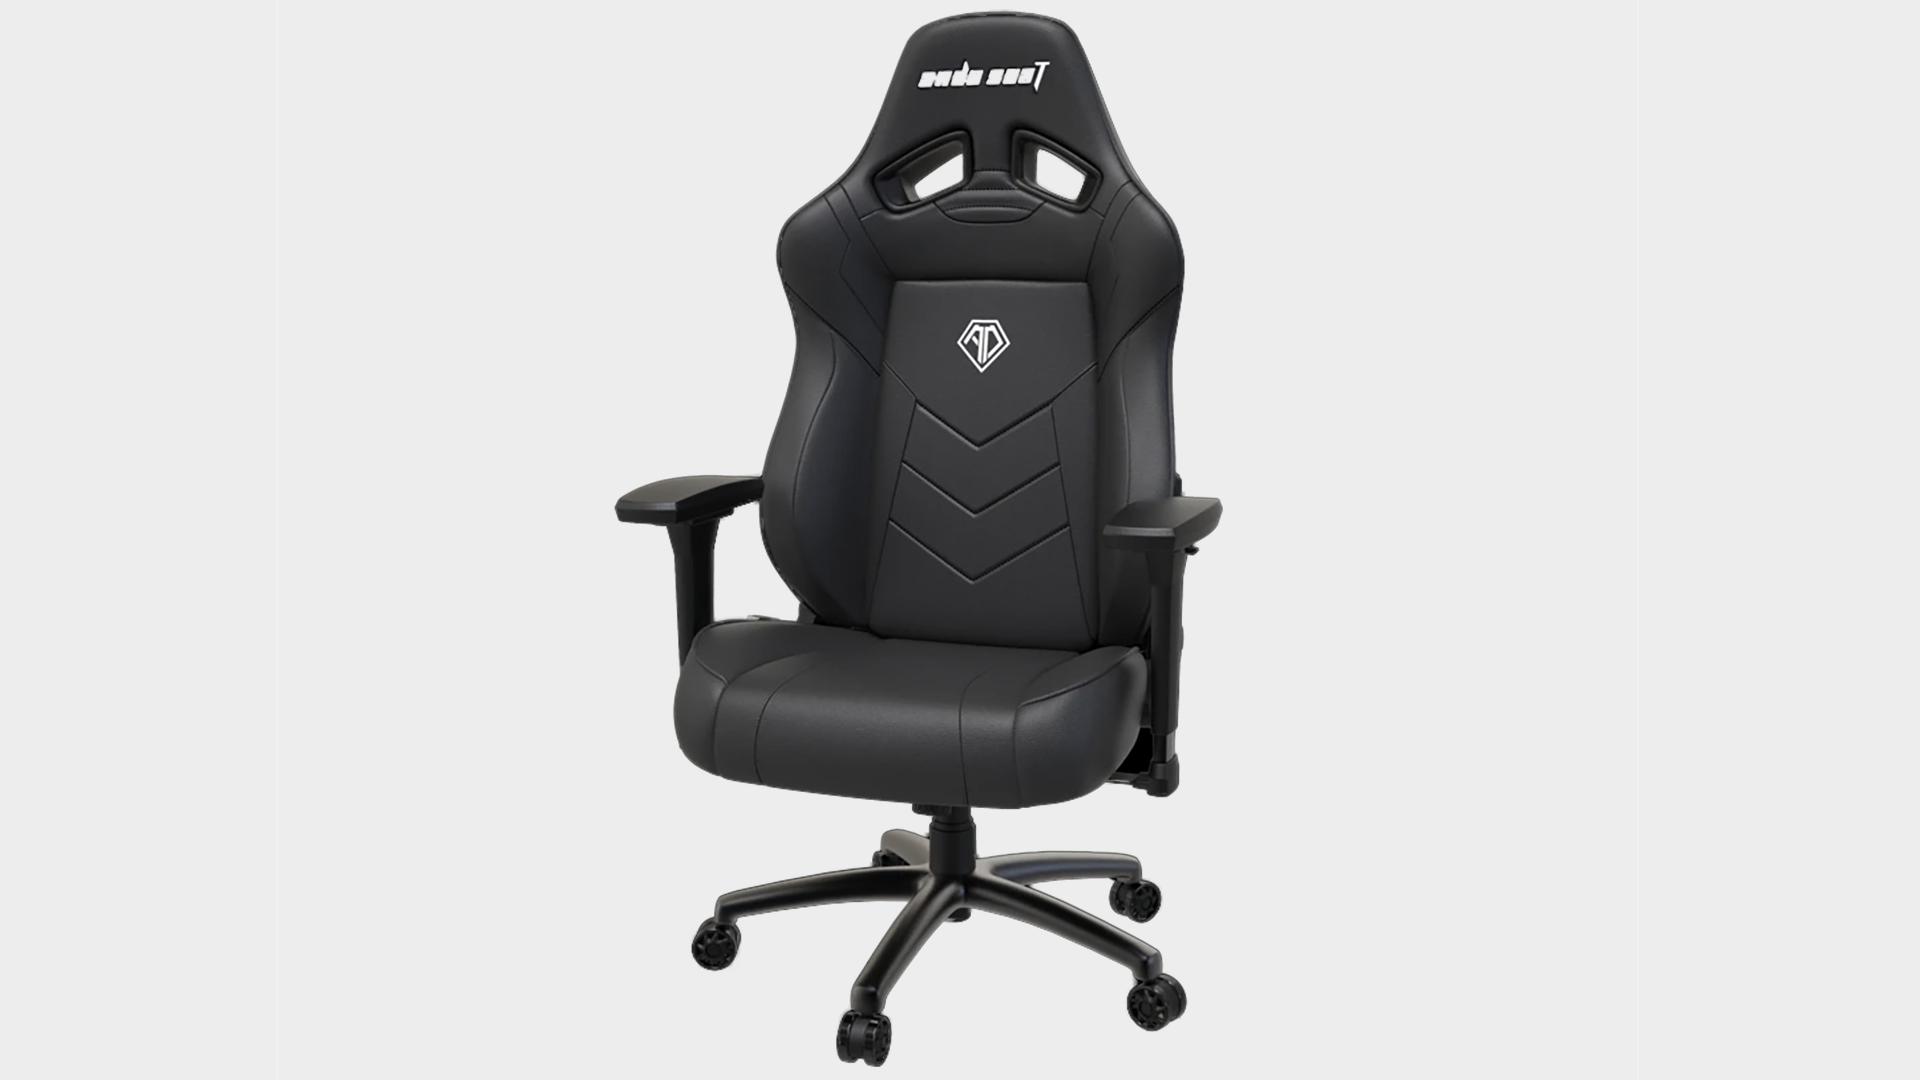 Andaseat Dark Demon Series gaming chair review